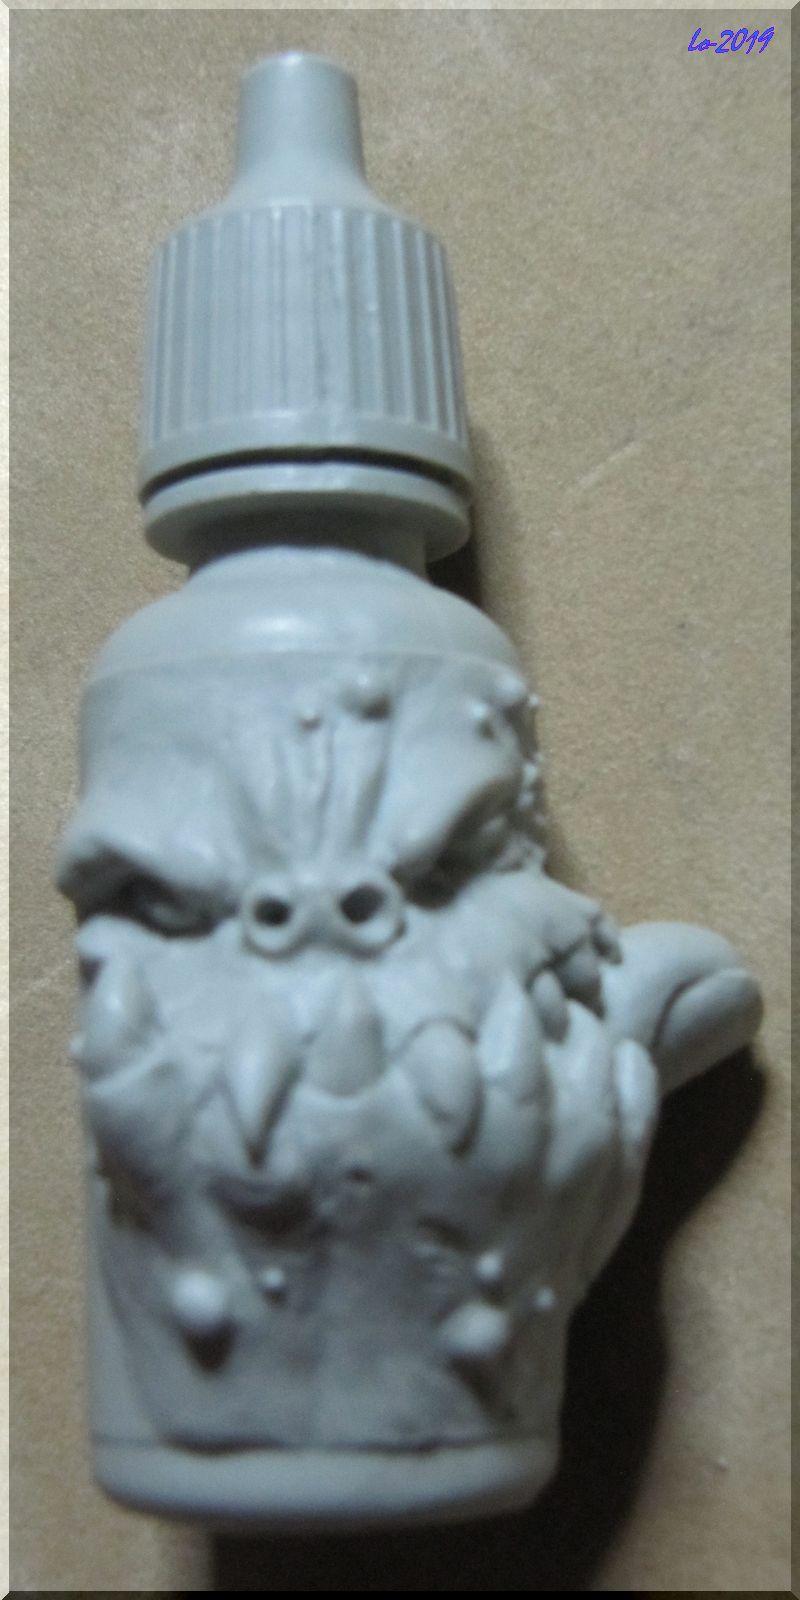 Le Kroc-doigt - MAOW - Echelle flacon de peinture acrylique Person10